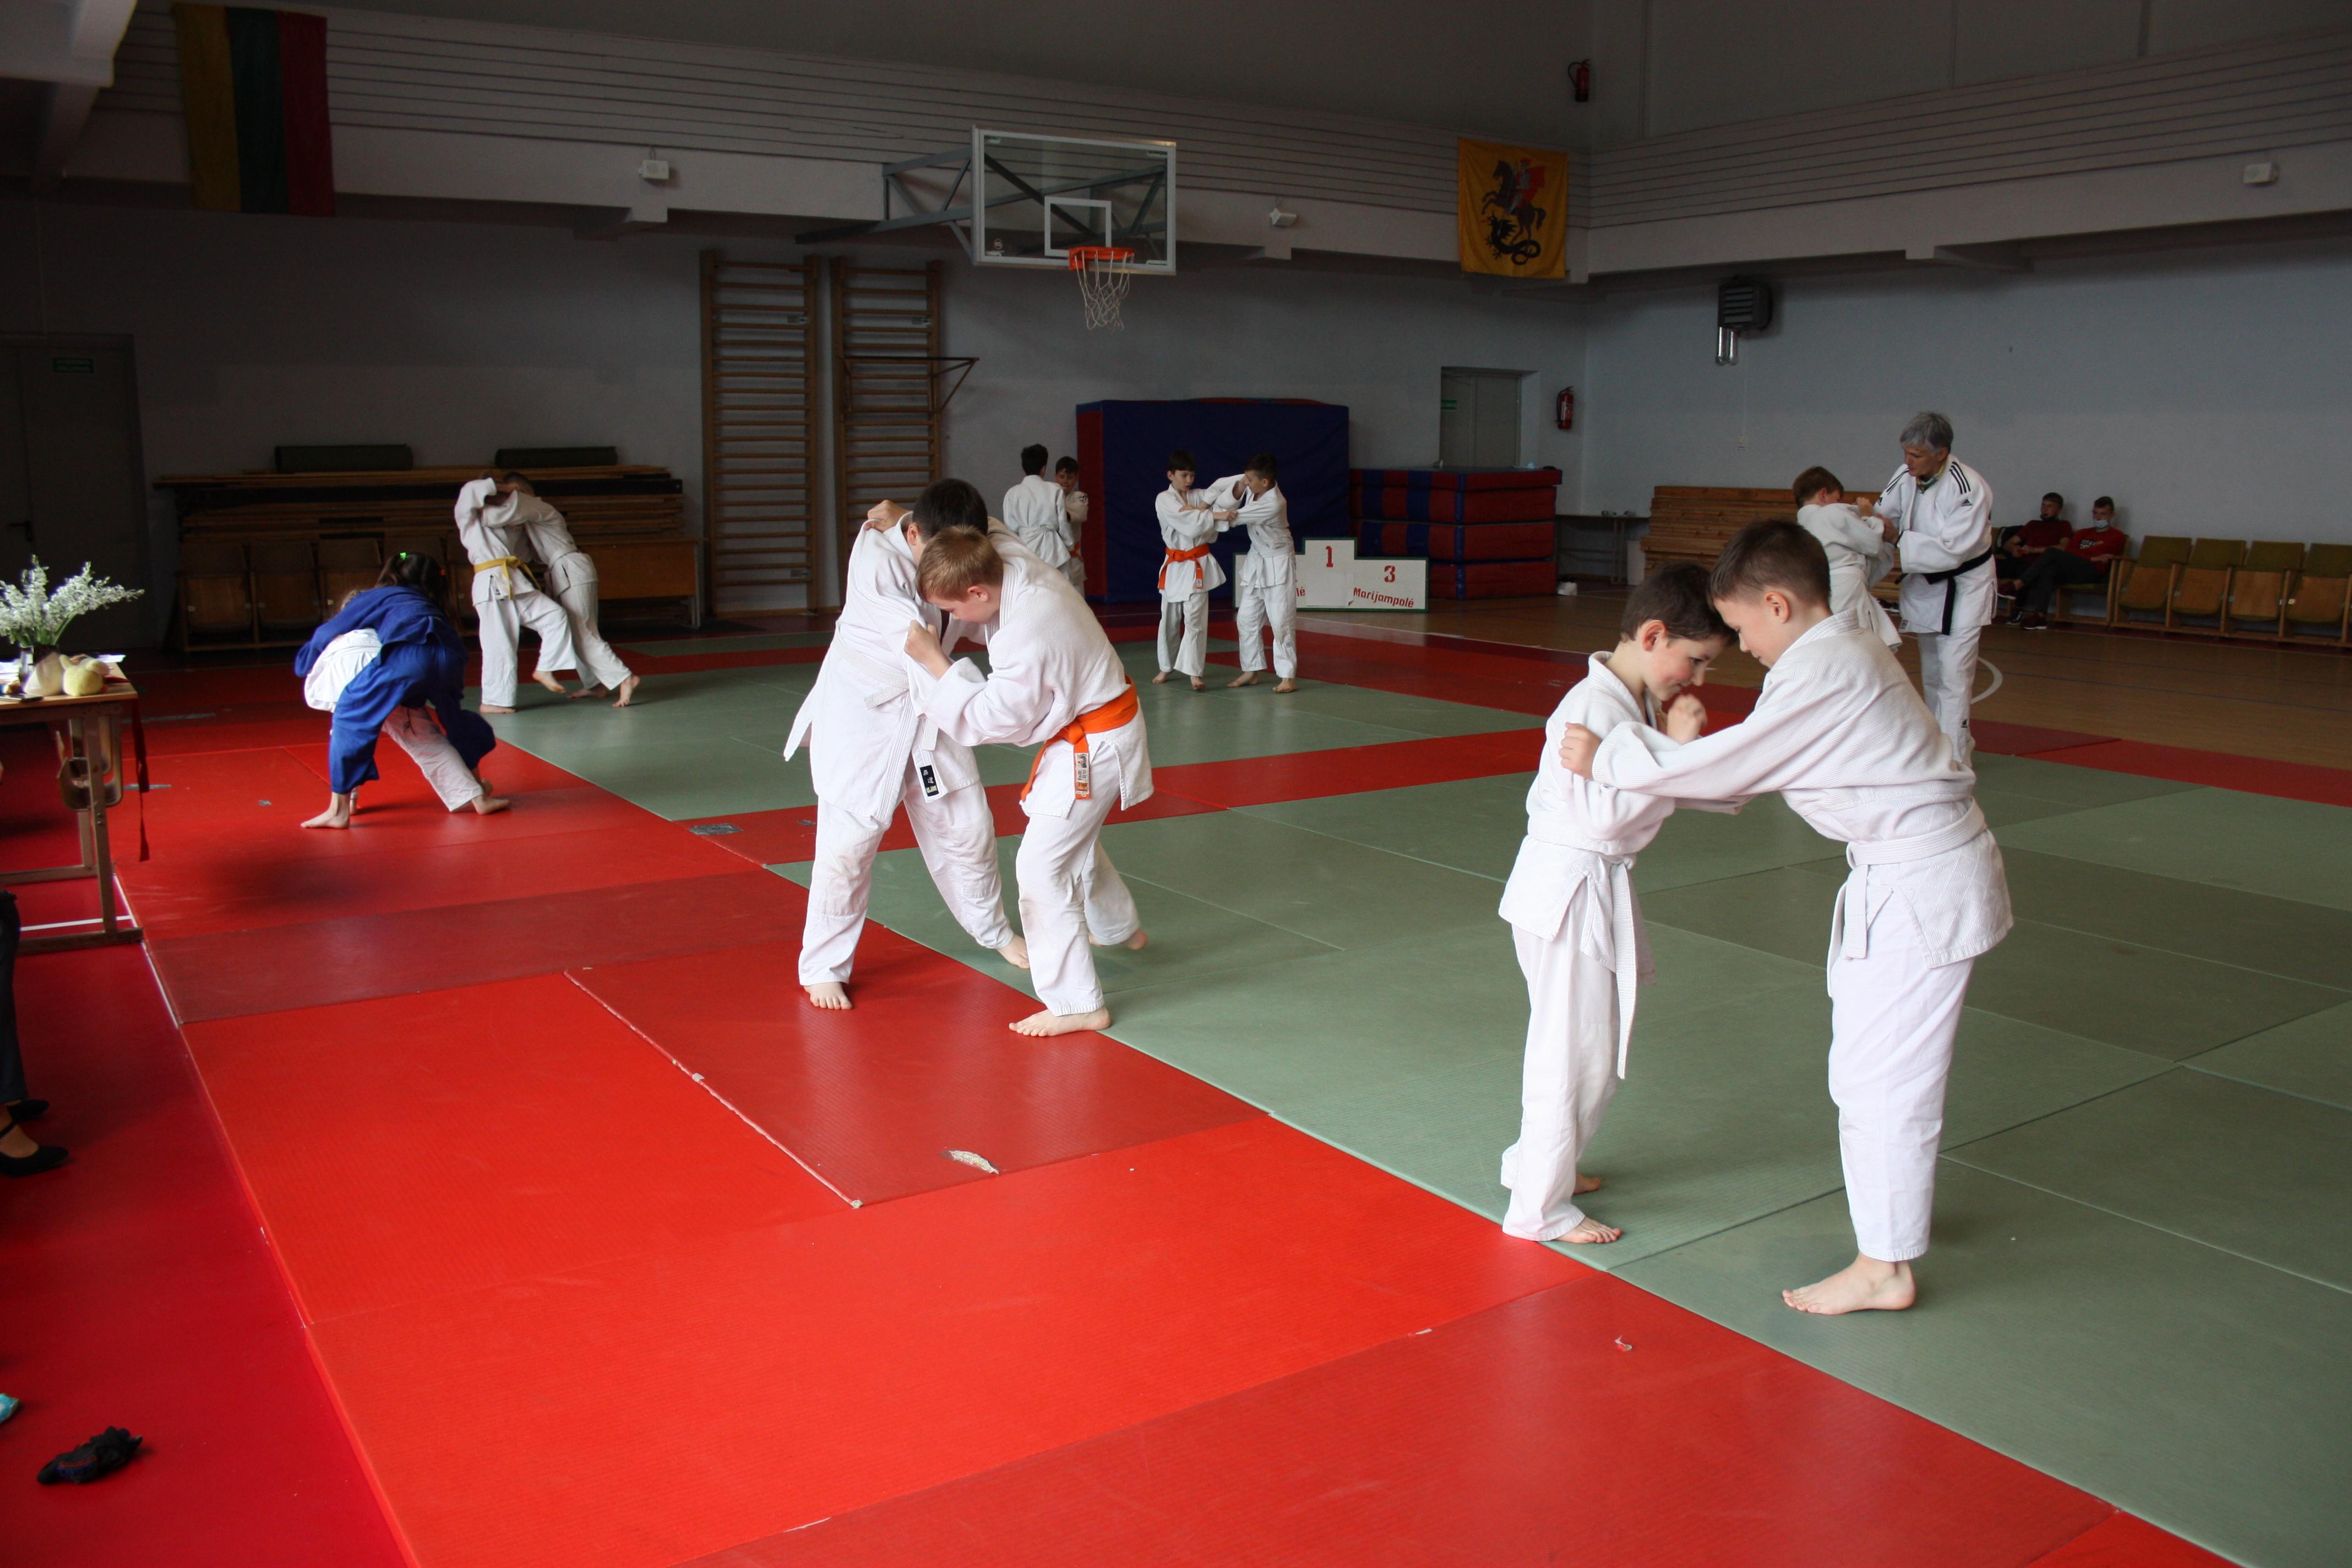 Jaunieji sportininkai